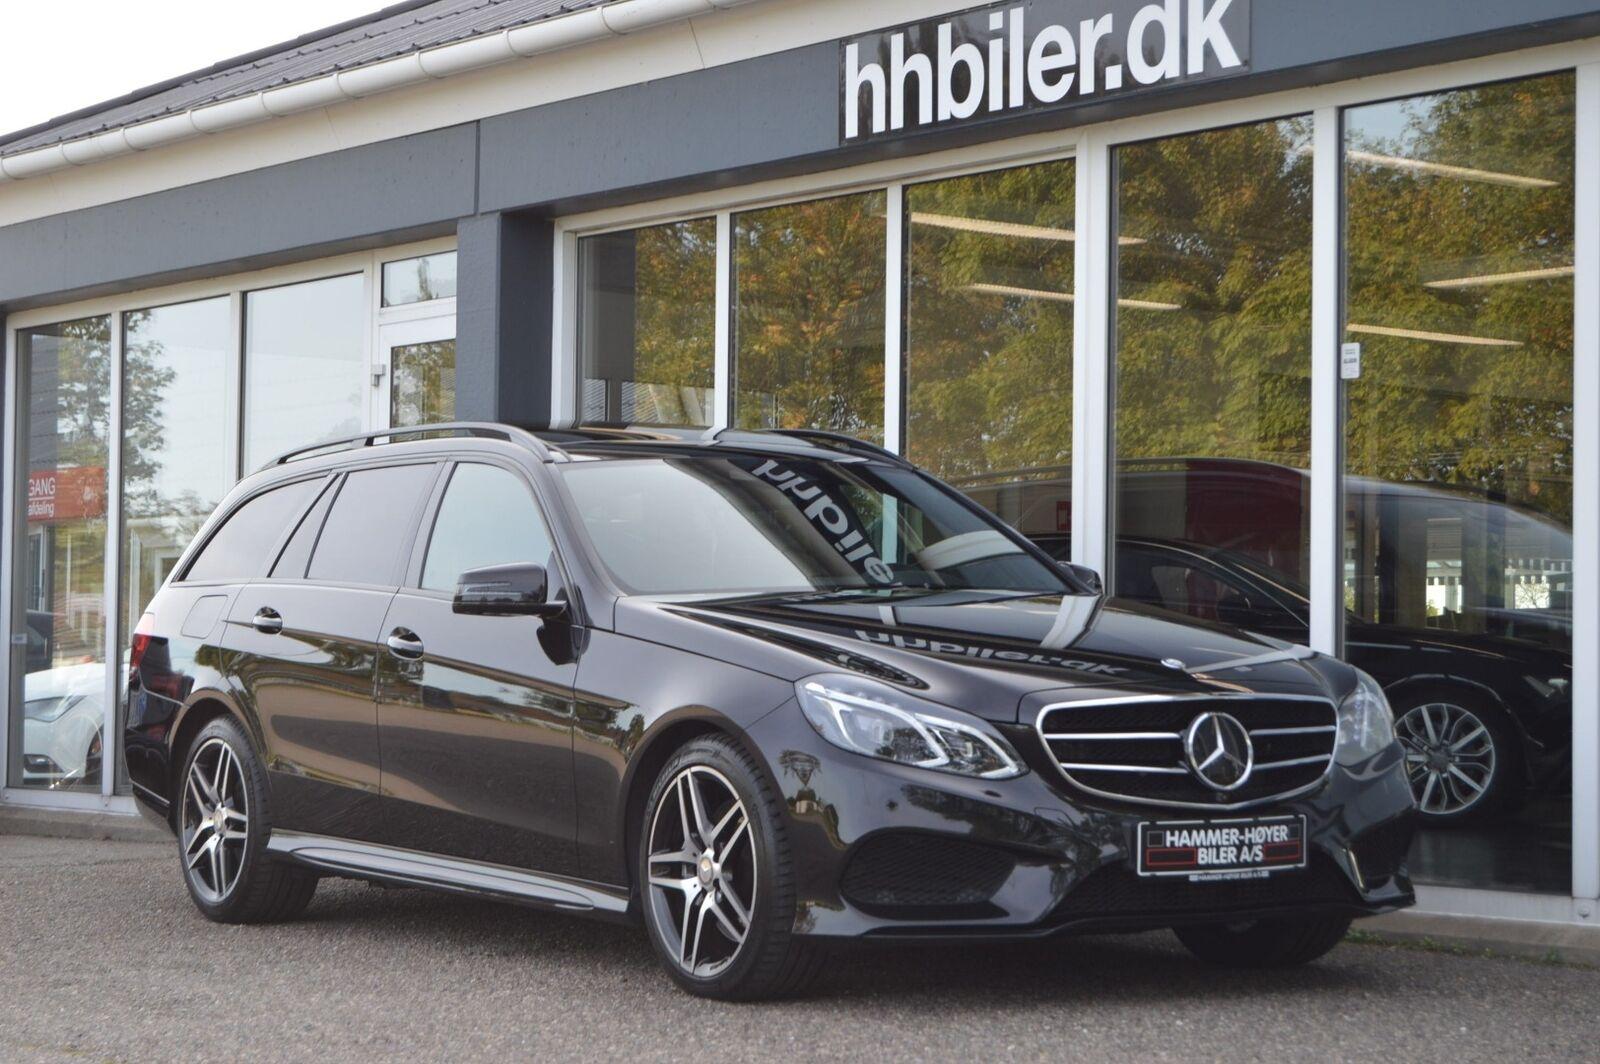 Mercedes E350 3,0 BlueTEC AMG Line stc. aut. 4-M 5d - 469.500 kr.